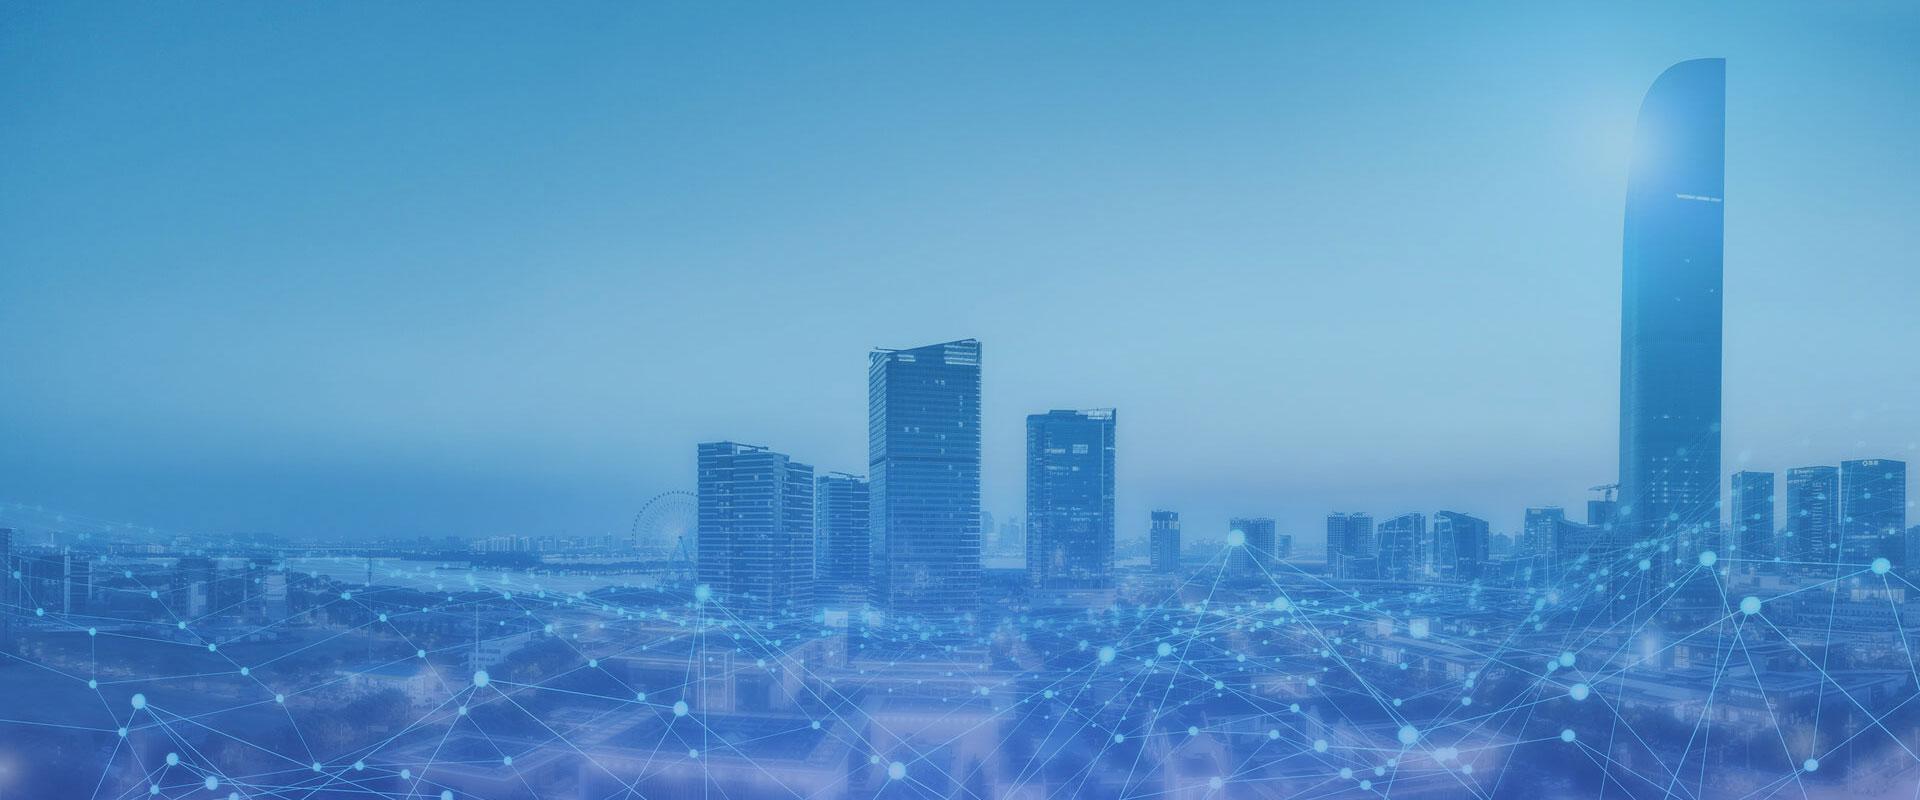 打造全新安速顺嵌入式安全技术平台